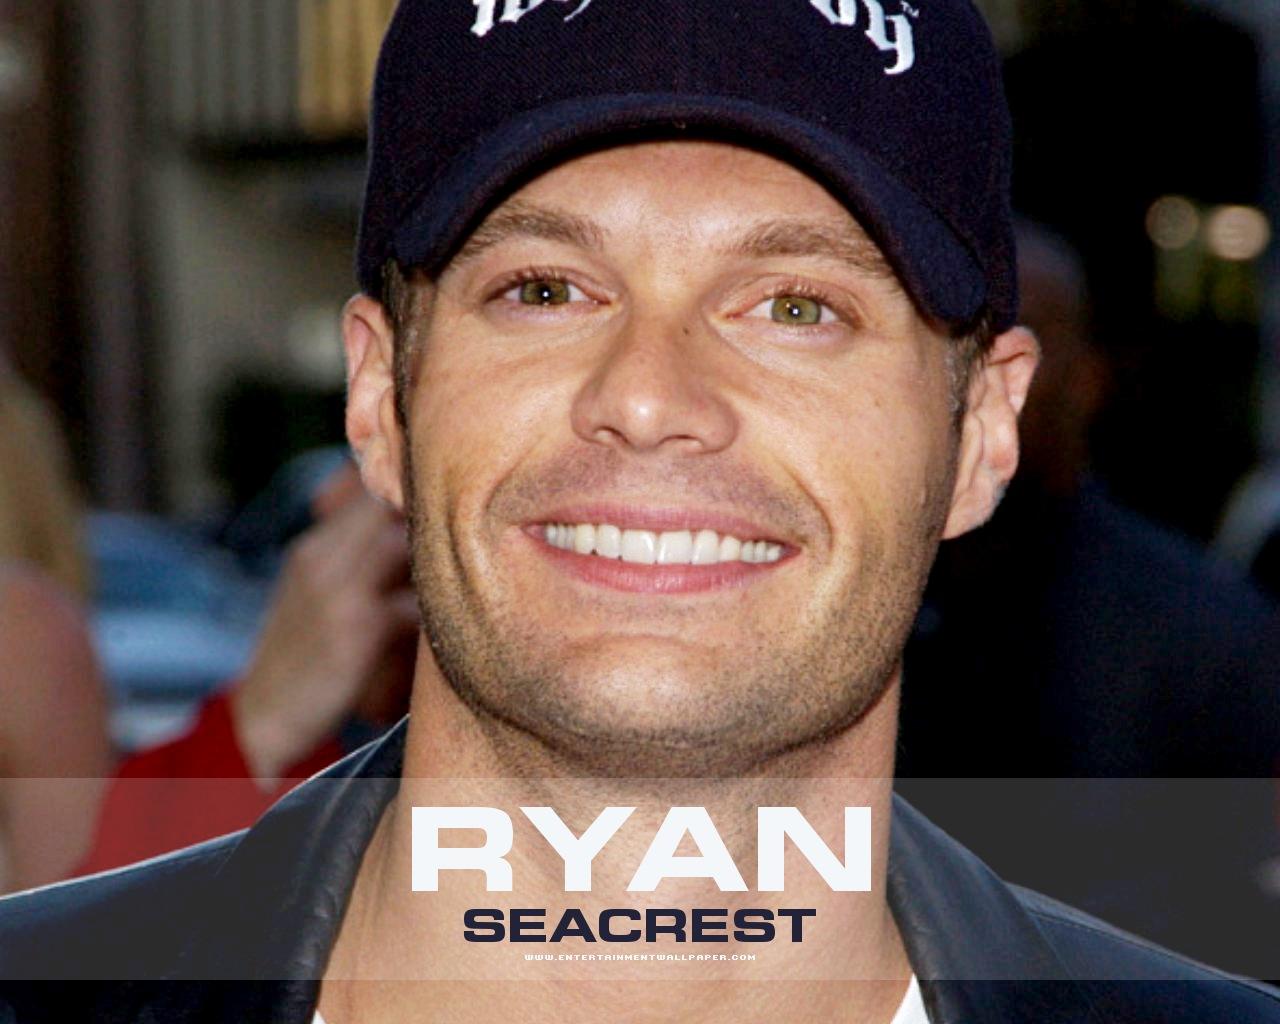 Ryan Seacrest ryan seacrest